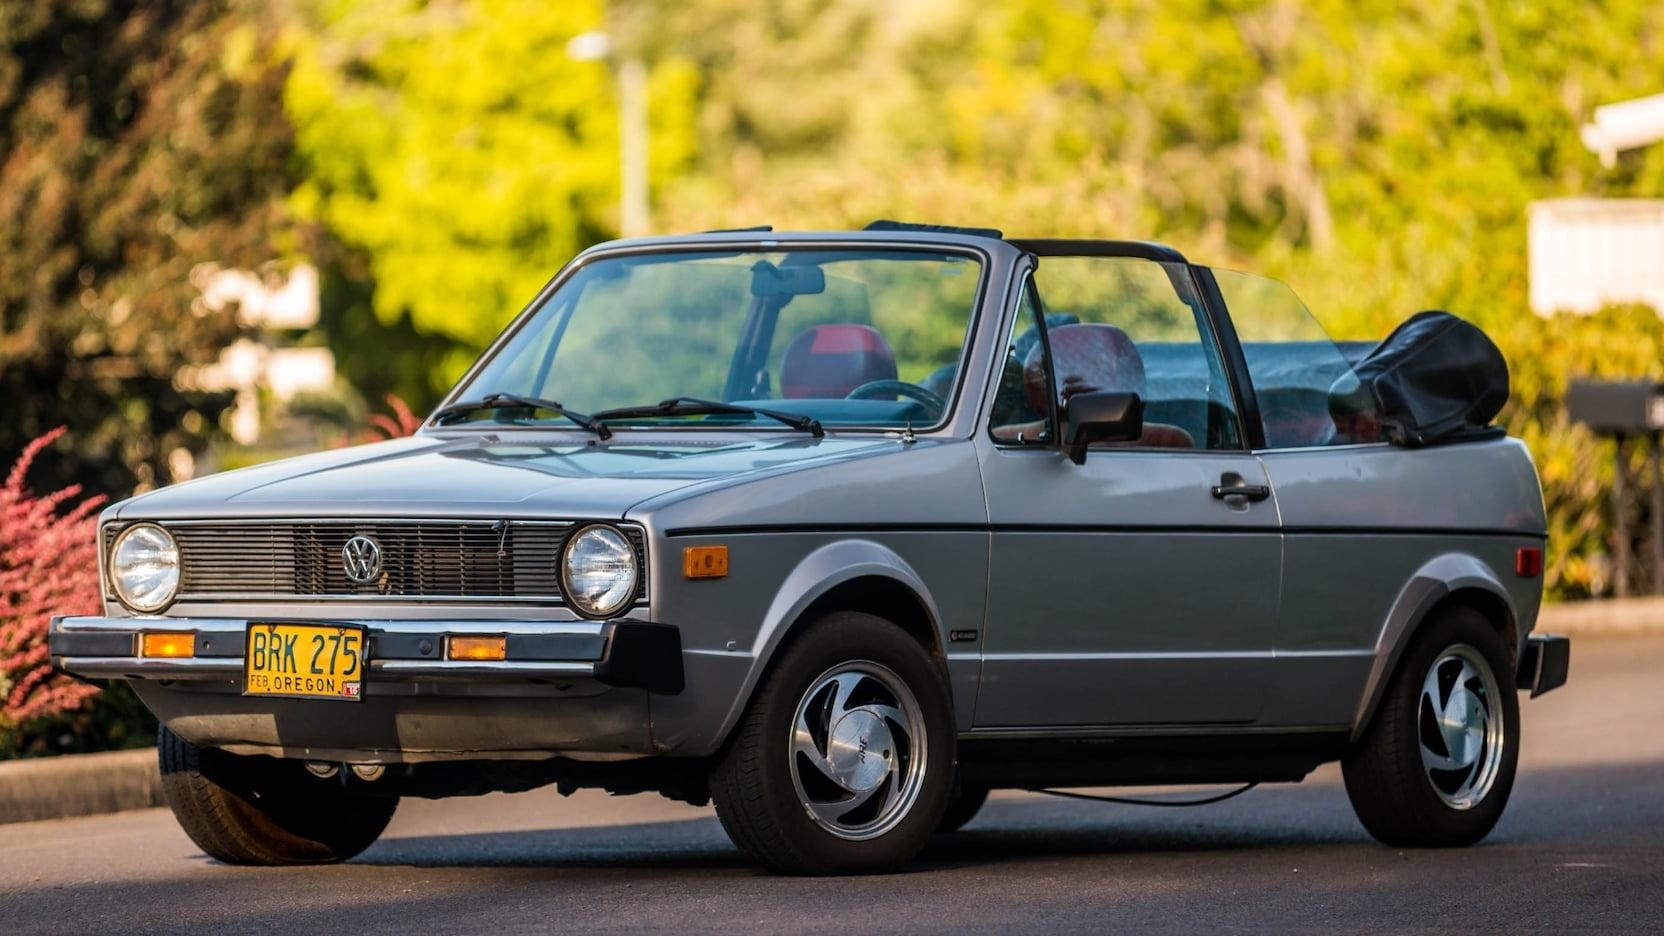 1980 Volkswagen Rabbit convertible